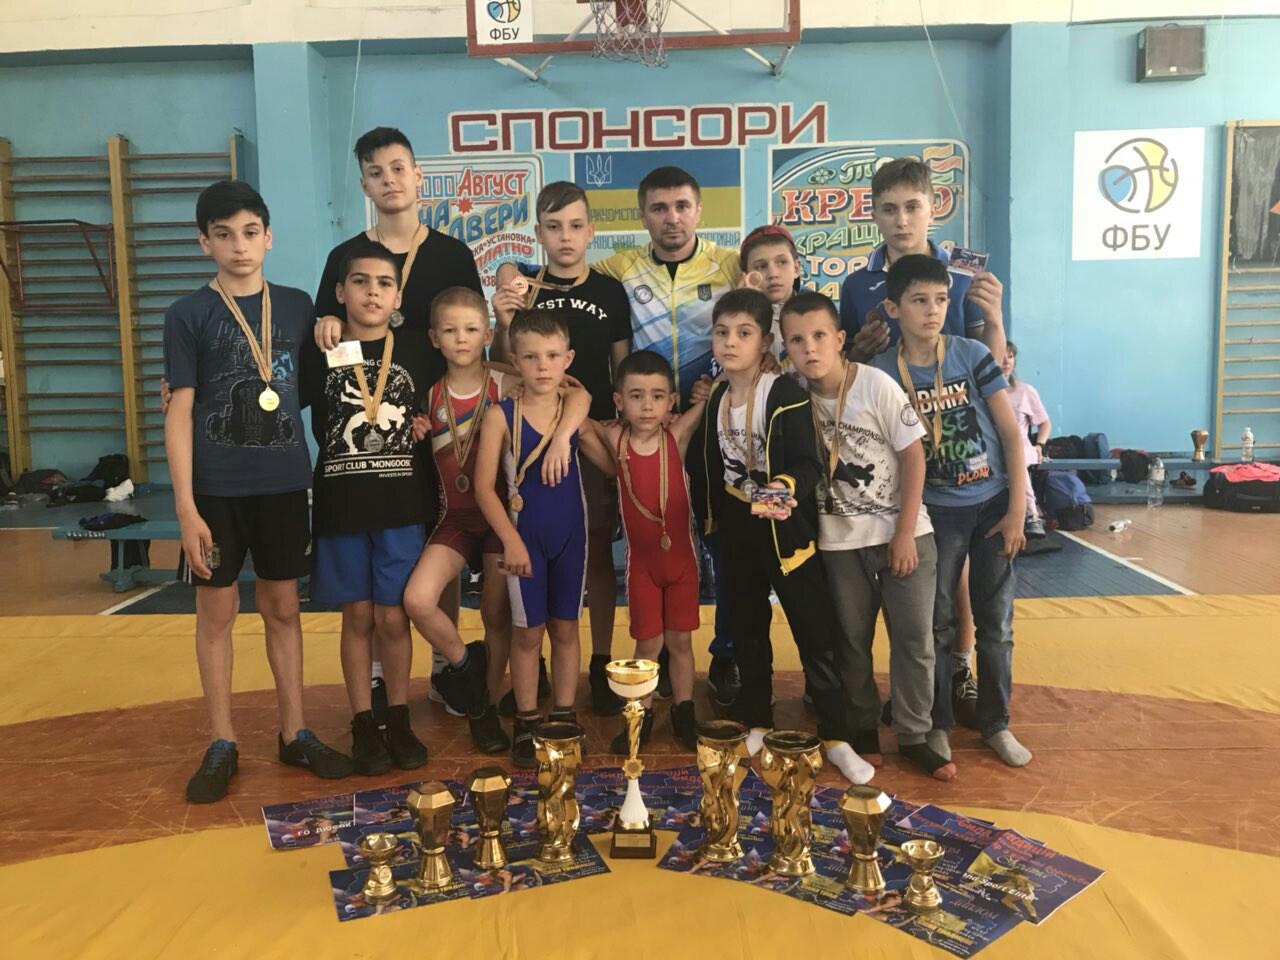 Турнир «Сила традиций» по вольной борьбе: одесситы завоевали 3 золота, 3 серебра и 2 бронзы